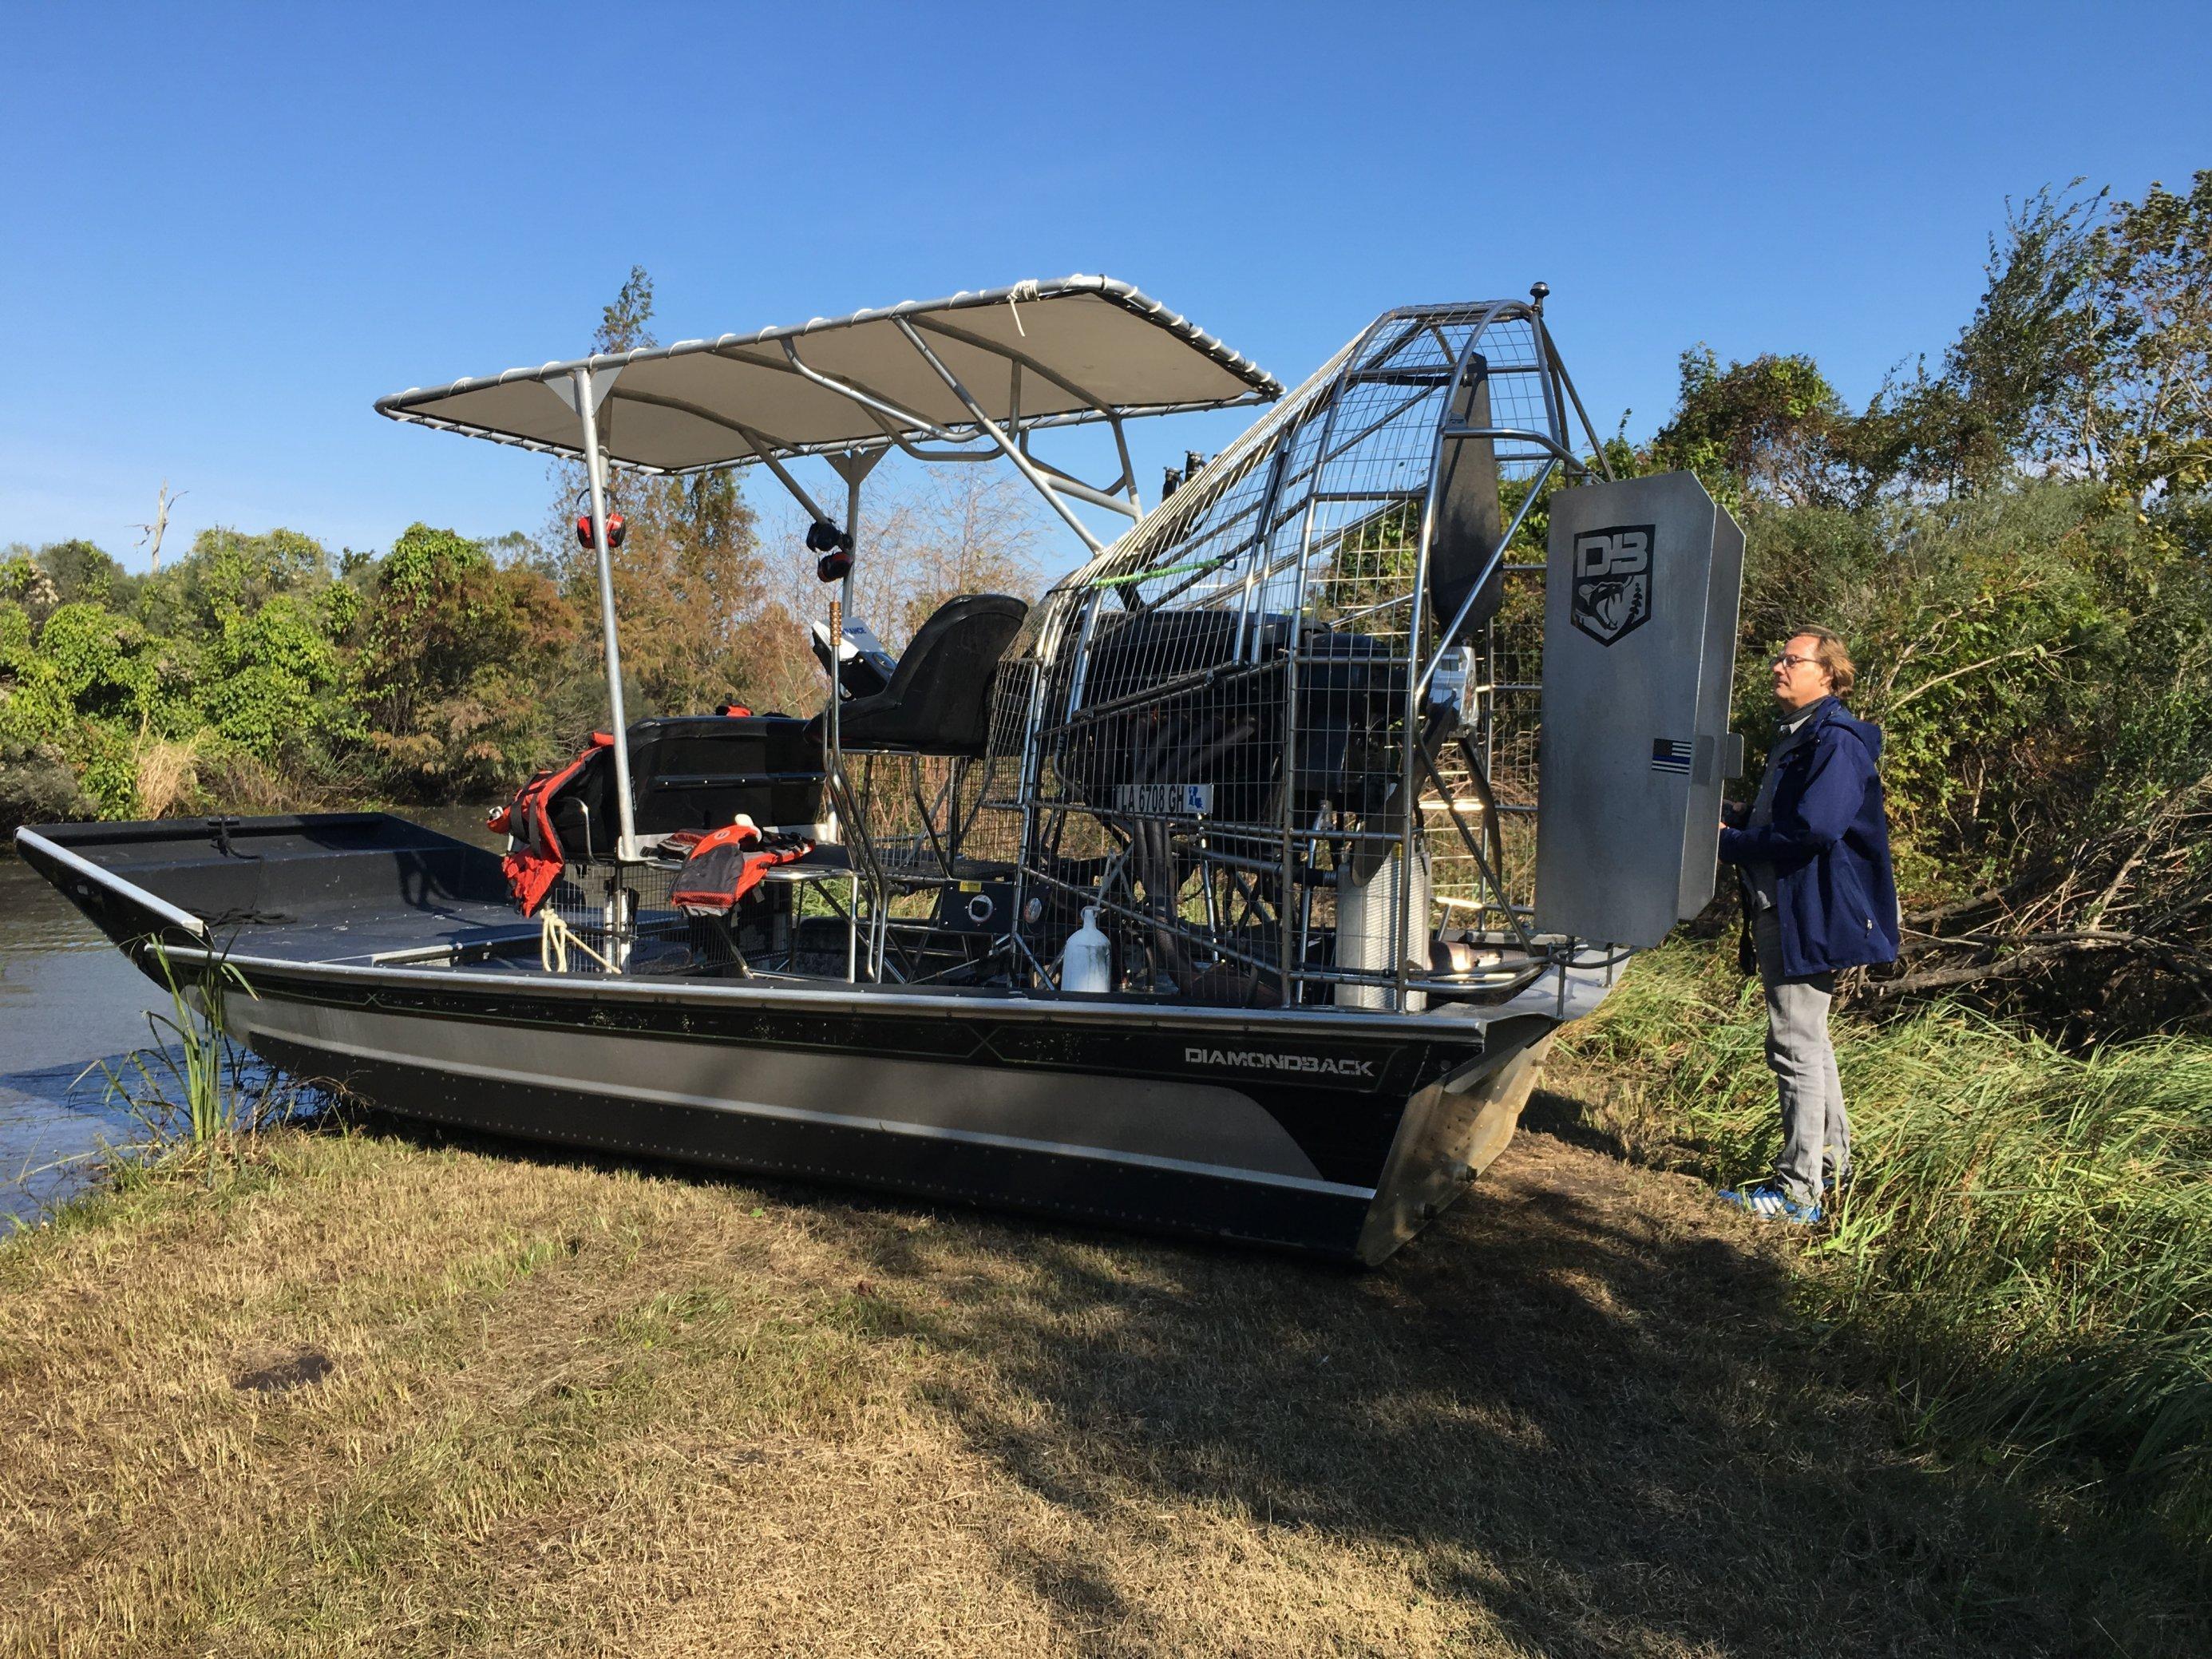 Deutlich größer als ein Erwachsener ist der Propellerantrieb des Sumpfbootes